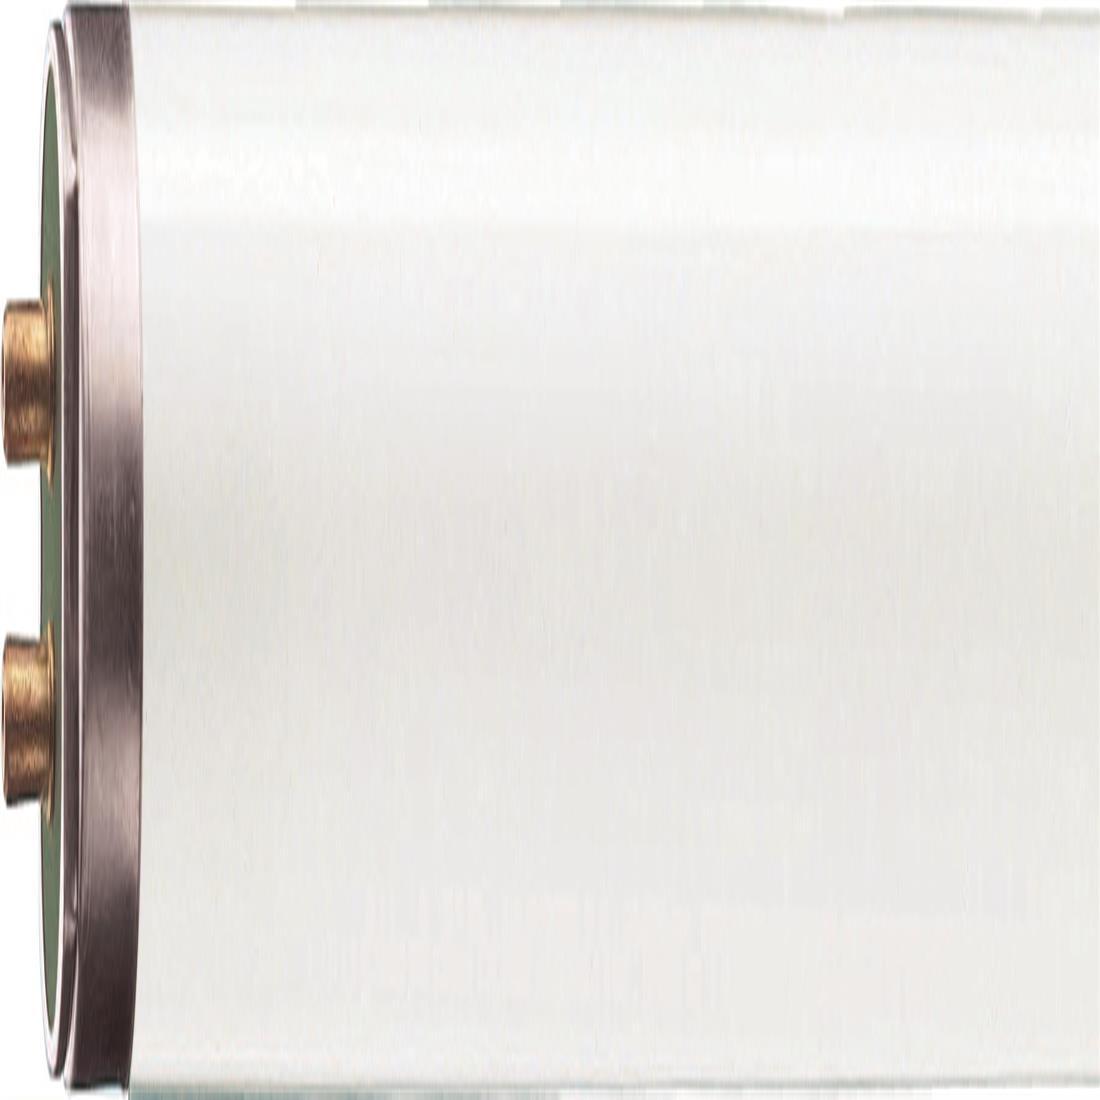 PHILIPS T5 lamp 25W 1700 lumen G5 840 per 20 stuks (63960805)